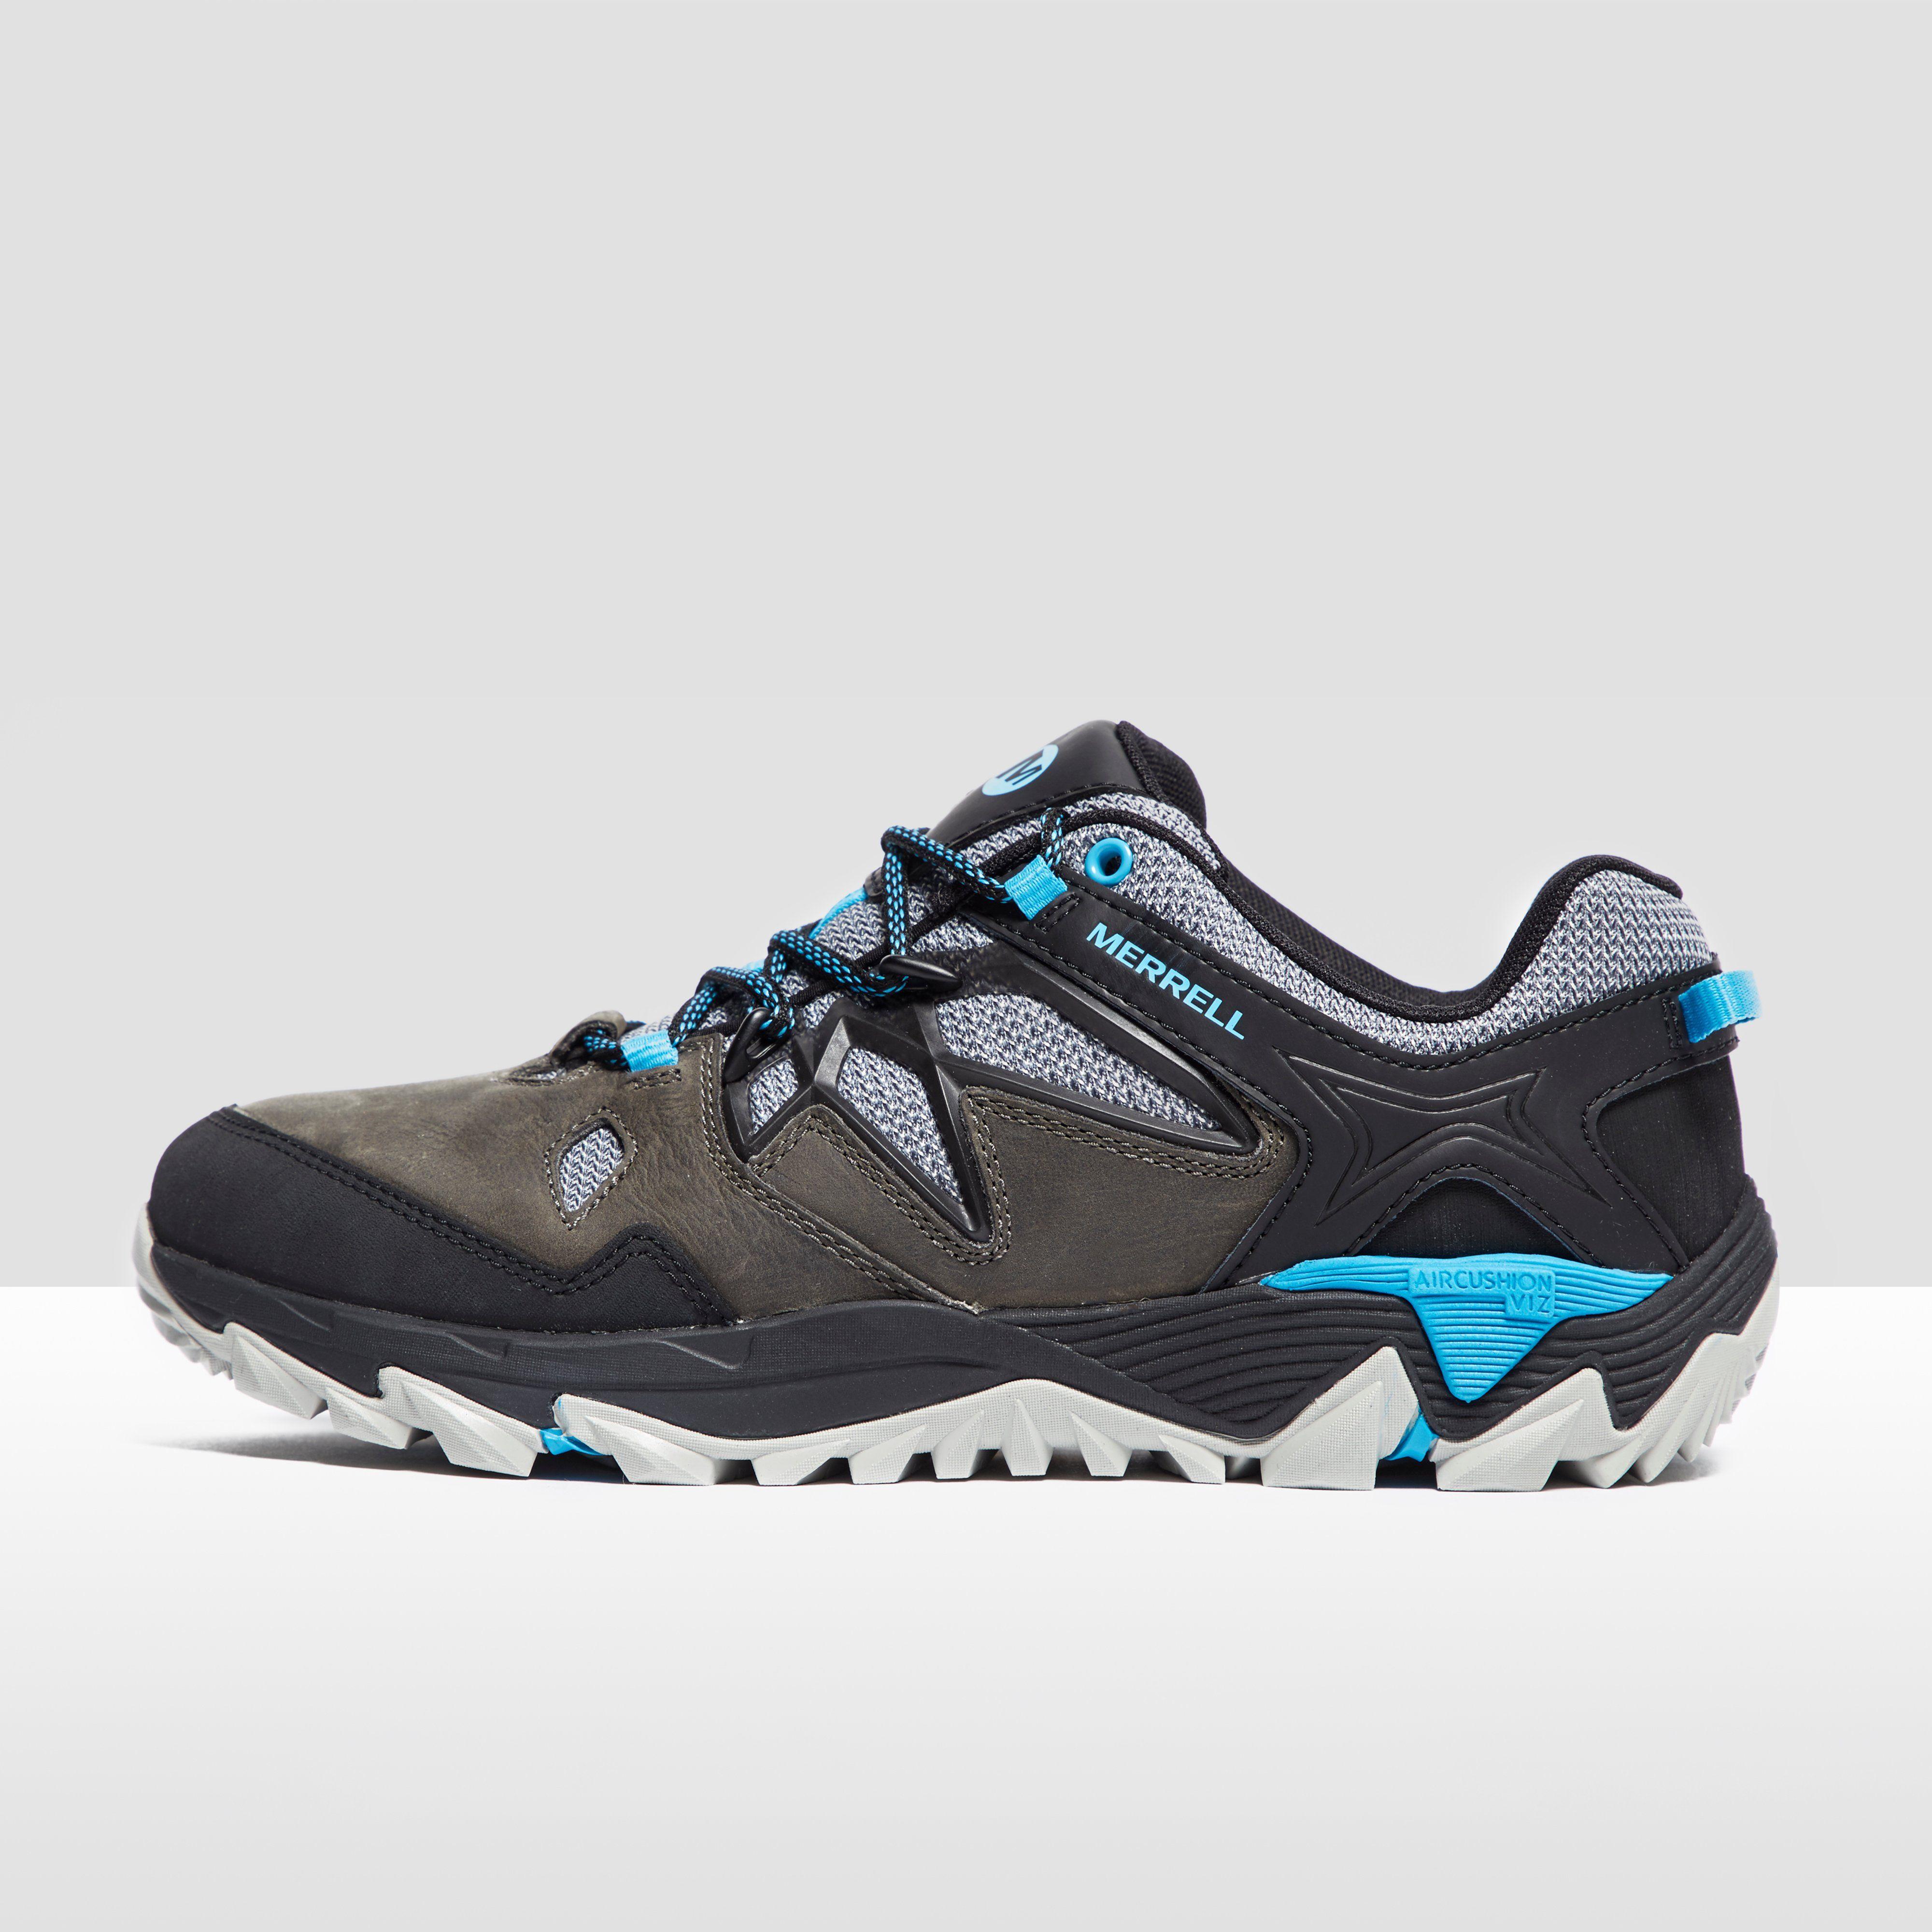 Merrell All Out Blaze 2 GTX Men's Walking Shoes